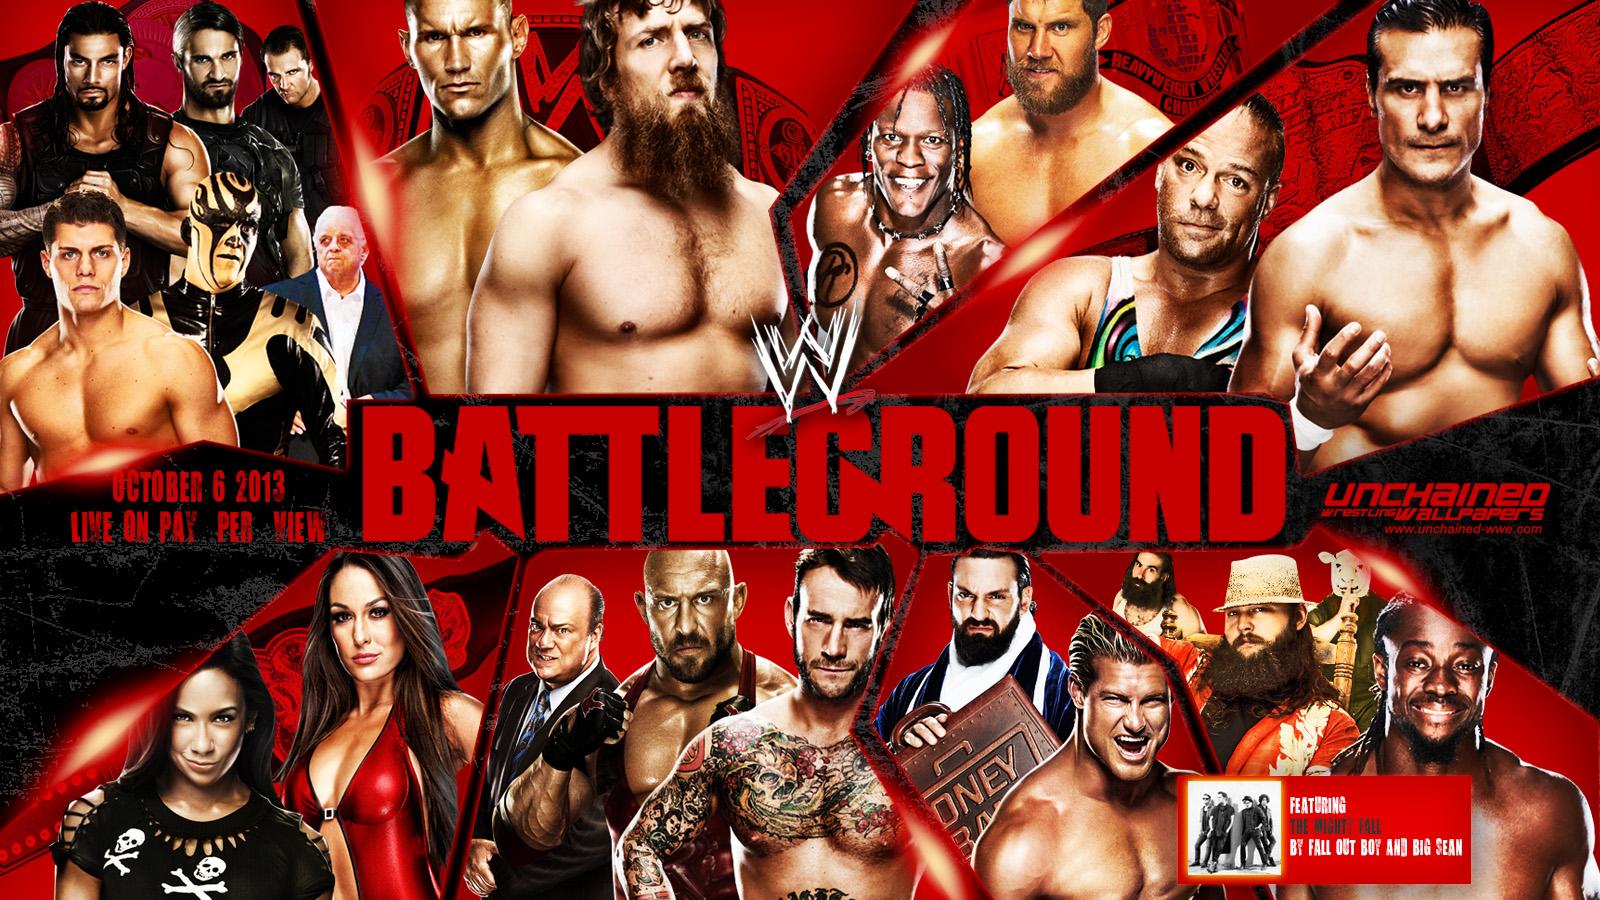 WWE Battleground 2013 Pics, Movie Collection